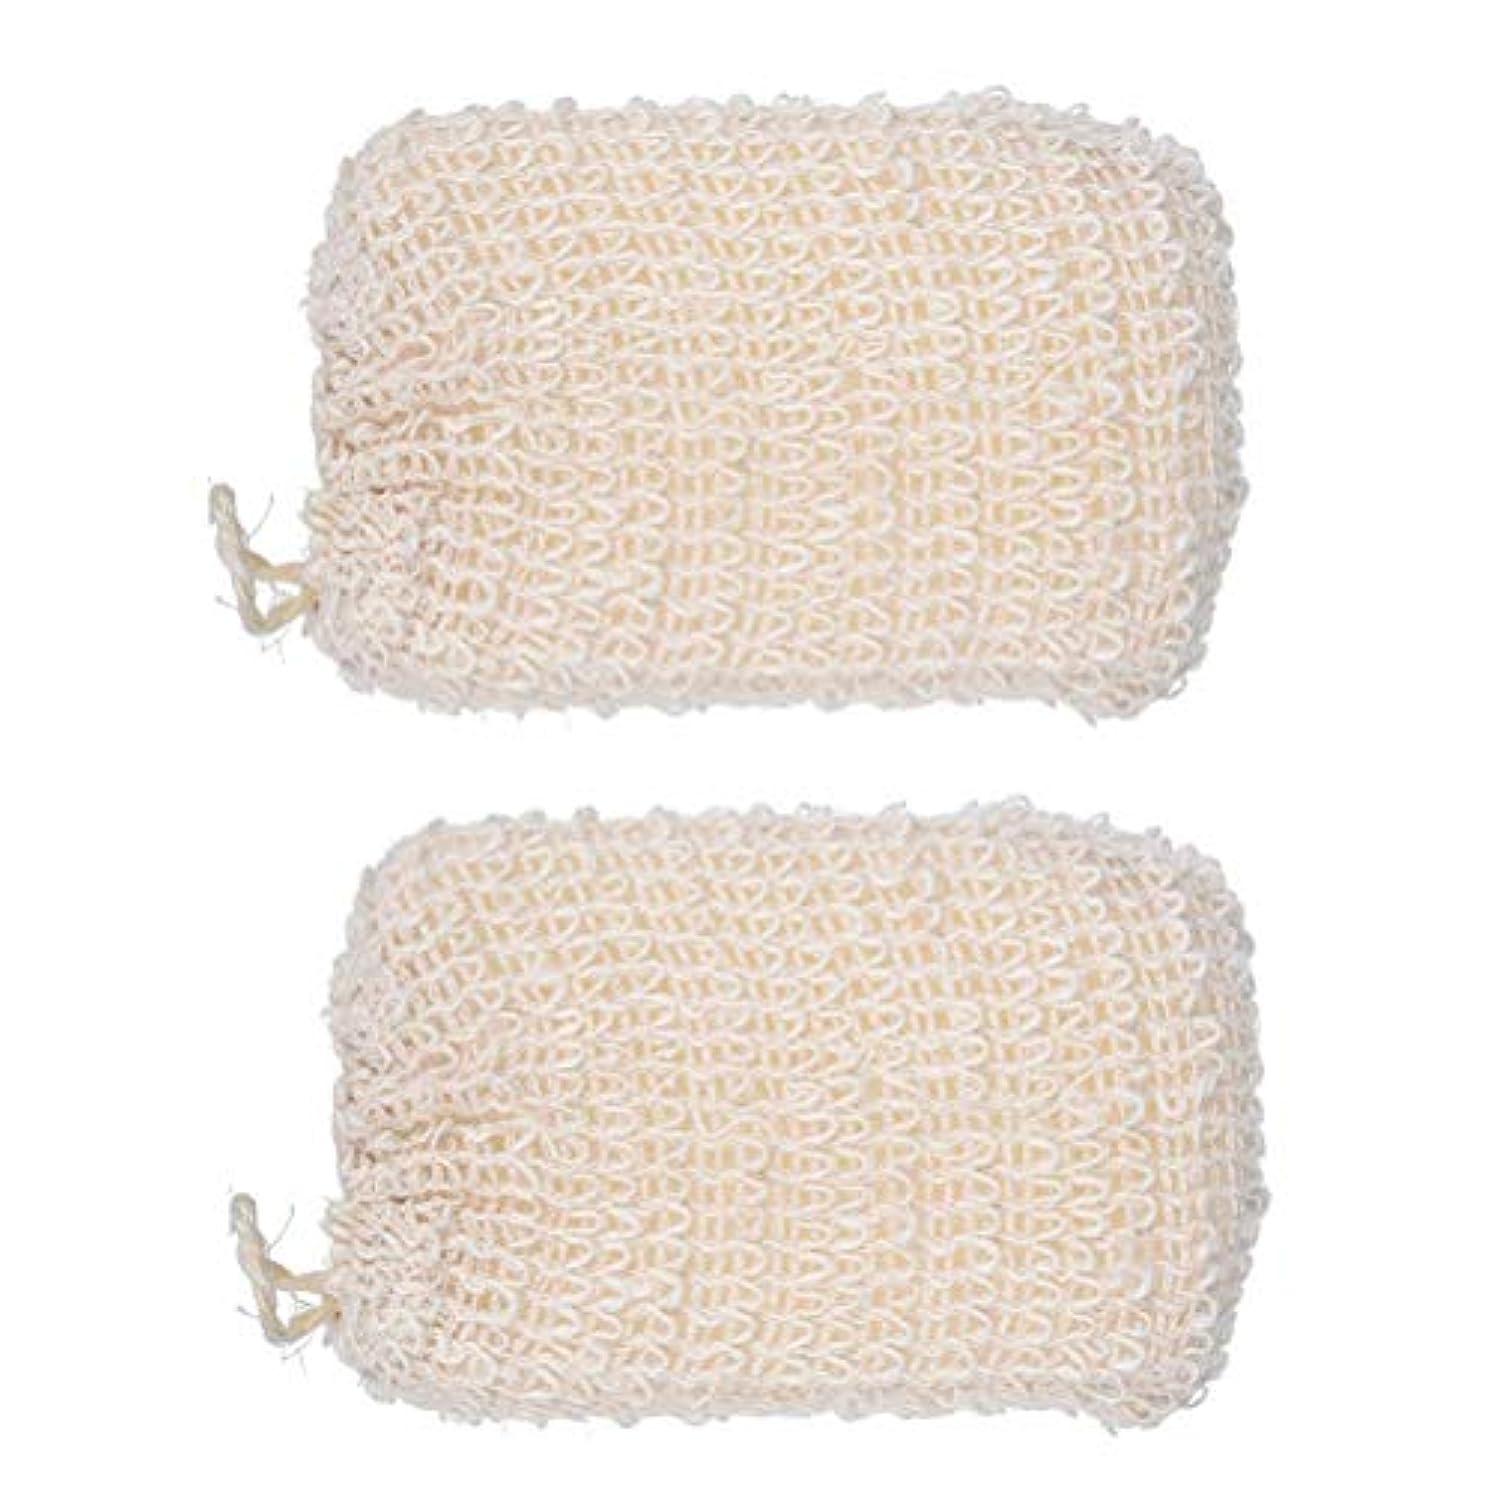 最適集まる遺棄されたBeaupretty 2ピース風呂スポンジ植物綿とリネン風呂ブラシ柔らかい風呂スポンジスクラバー用女性赤ちゃん子供(ベージュ)